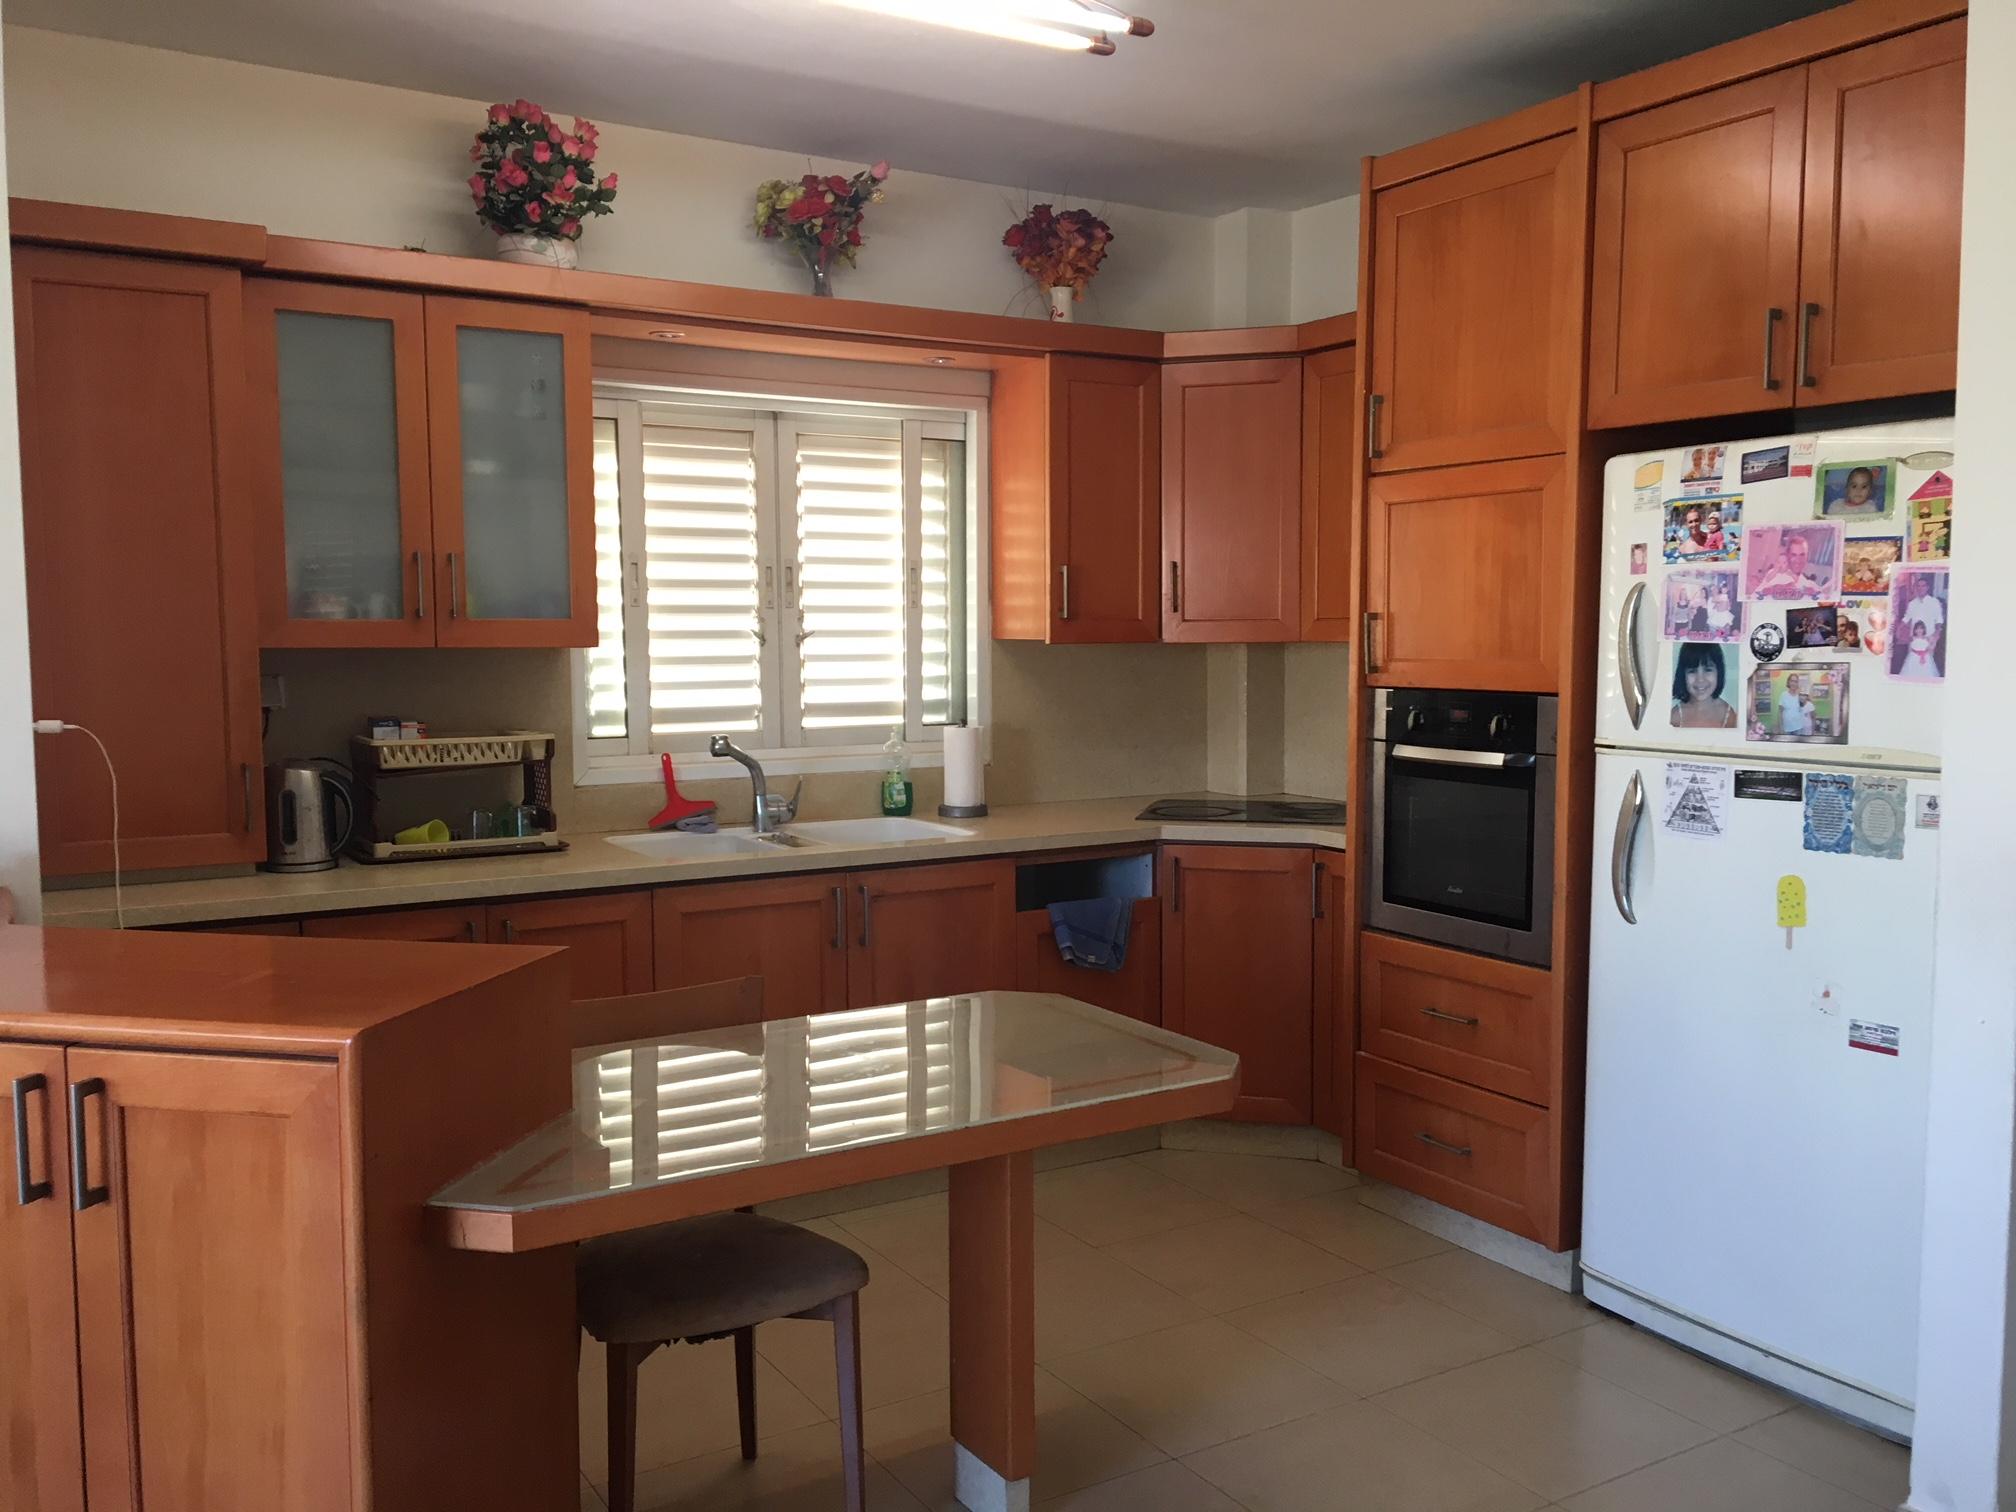 מעולה Ederealestate - דירות למכירה בגני תקוה - מגרשים במעש - דירות YA-01